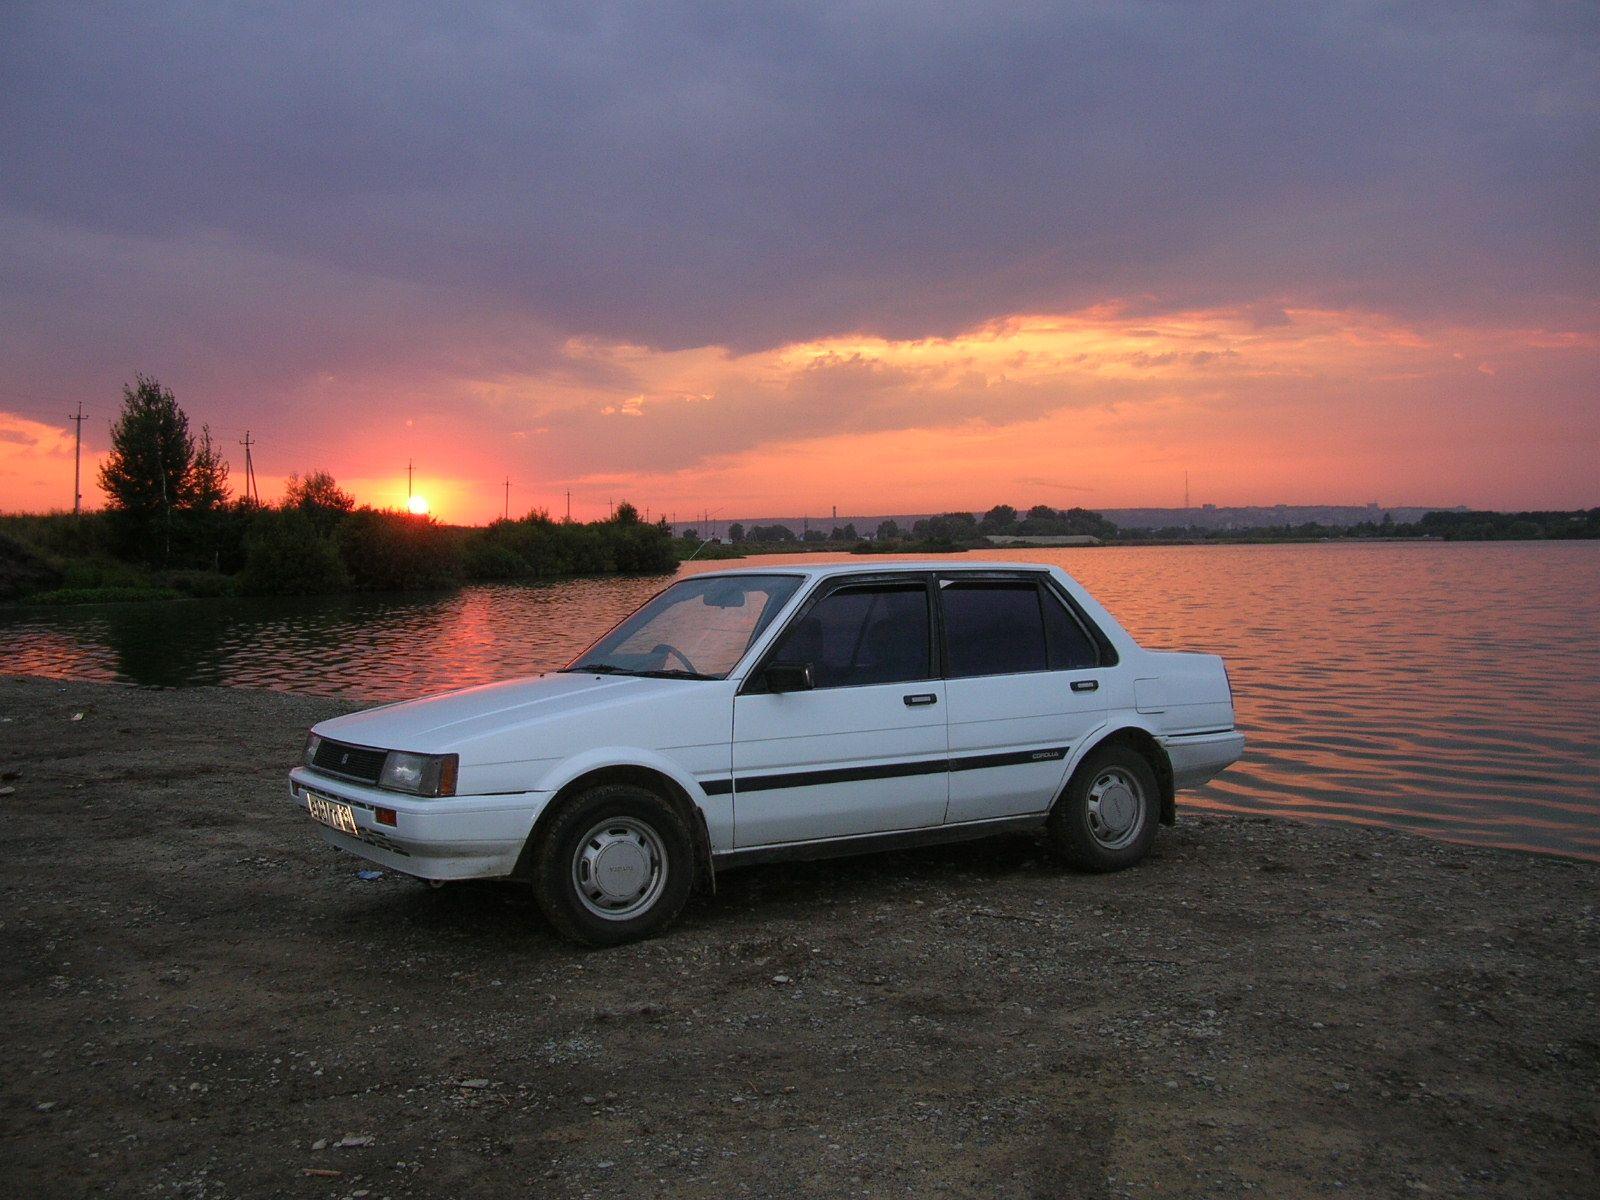 Kelebihan Kekurangan Toyota Corolla 1984 Top Model Tahun Ini